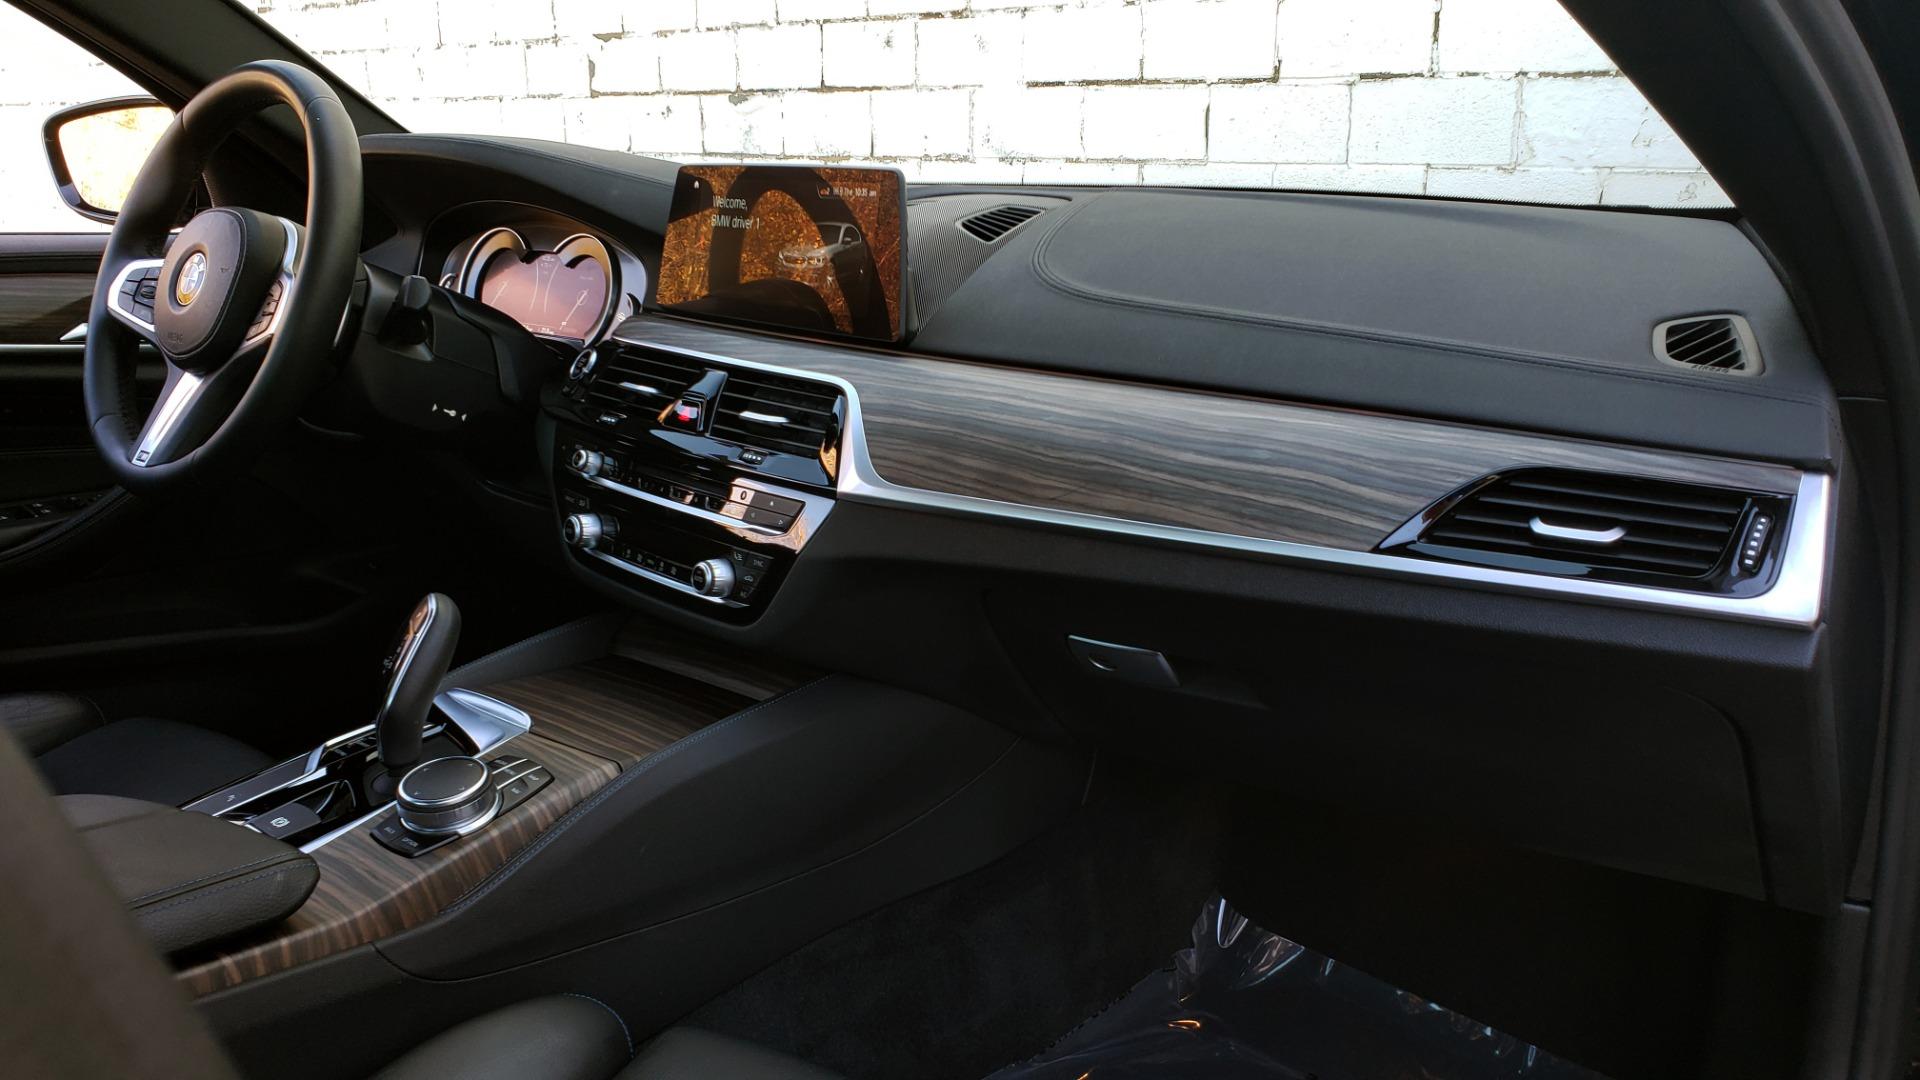 Used 2017 BMW 5 SERIES 530I M-SPORT / PREM PKG / DRVR ASST / HUD / NAV / REARVIEW for sale $33,995 at Formula Imports in Charlotte NC 28227 71